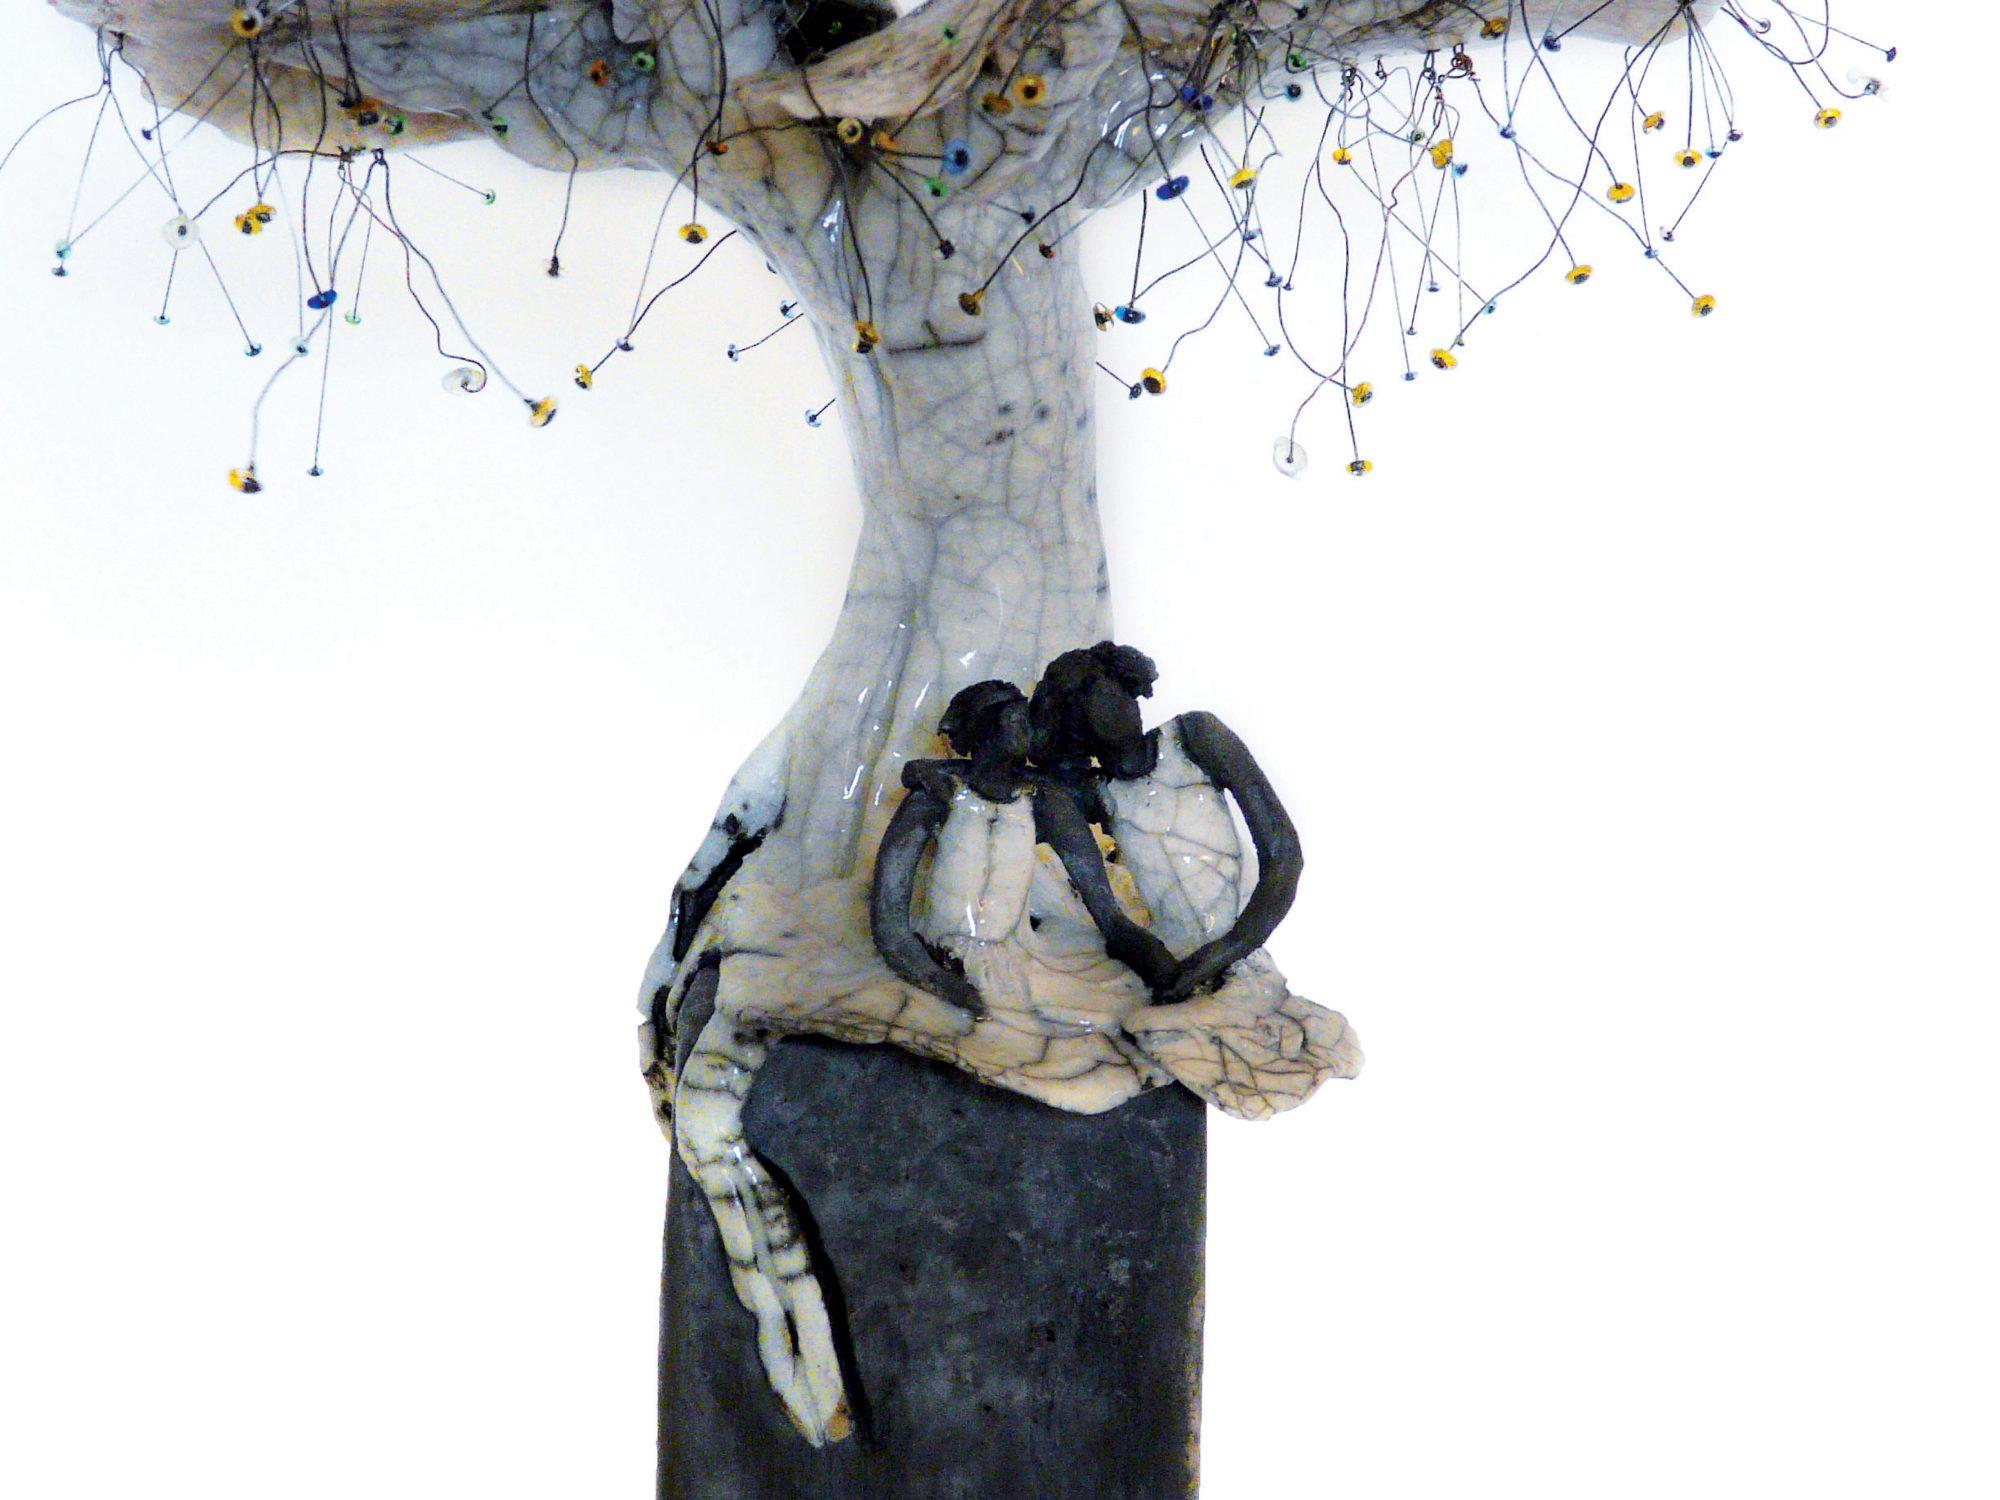 Rencontre sous l'Œillet en floraison - Grès - Raku - Yeux des années 1930, en verres colorés - Sculptures céramique de Florence Lemiegre